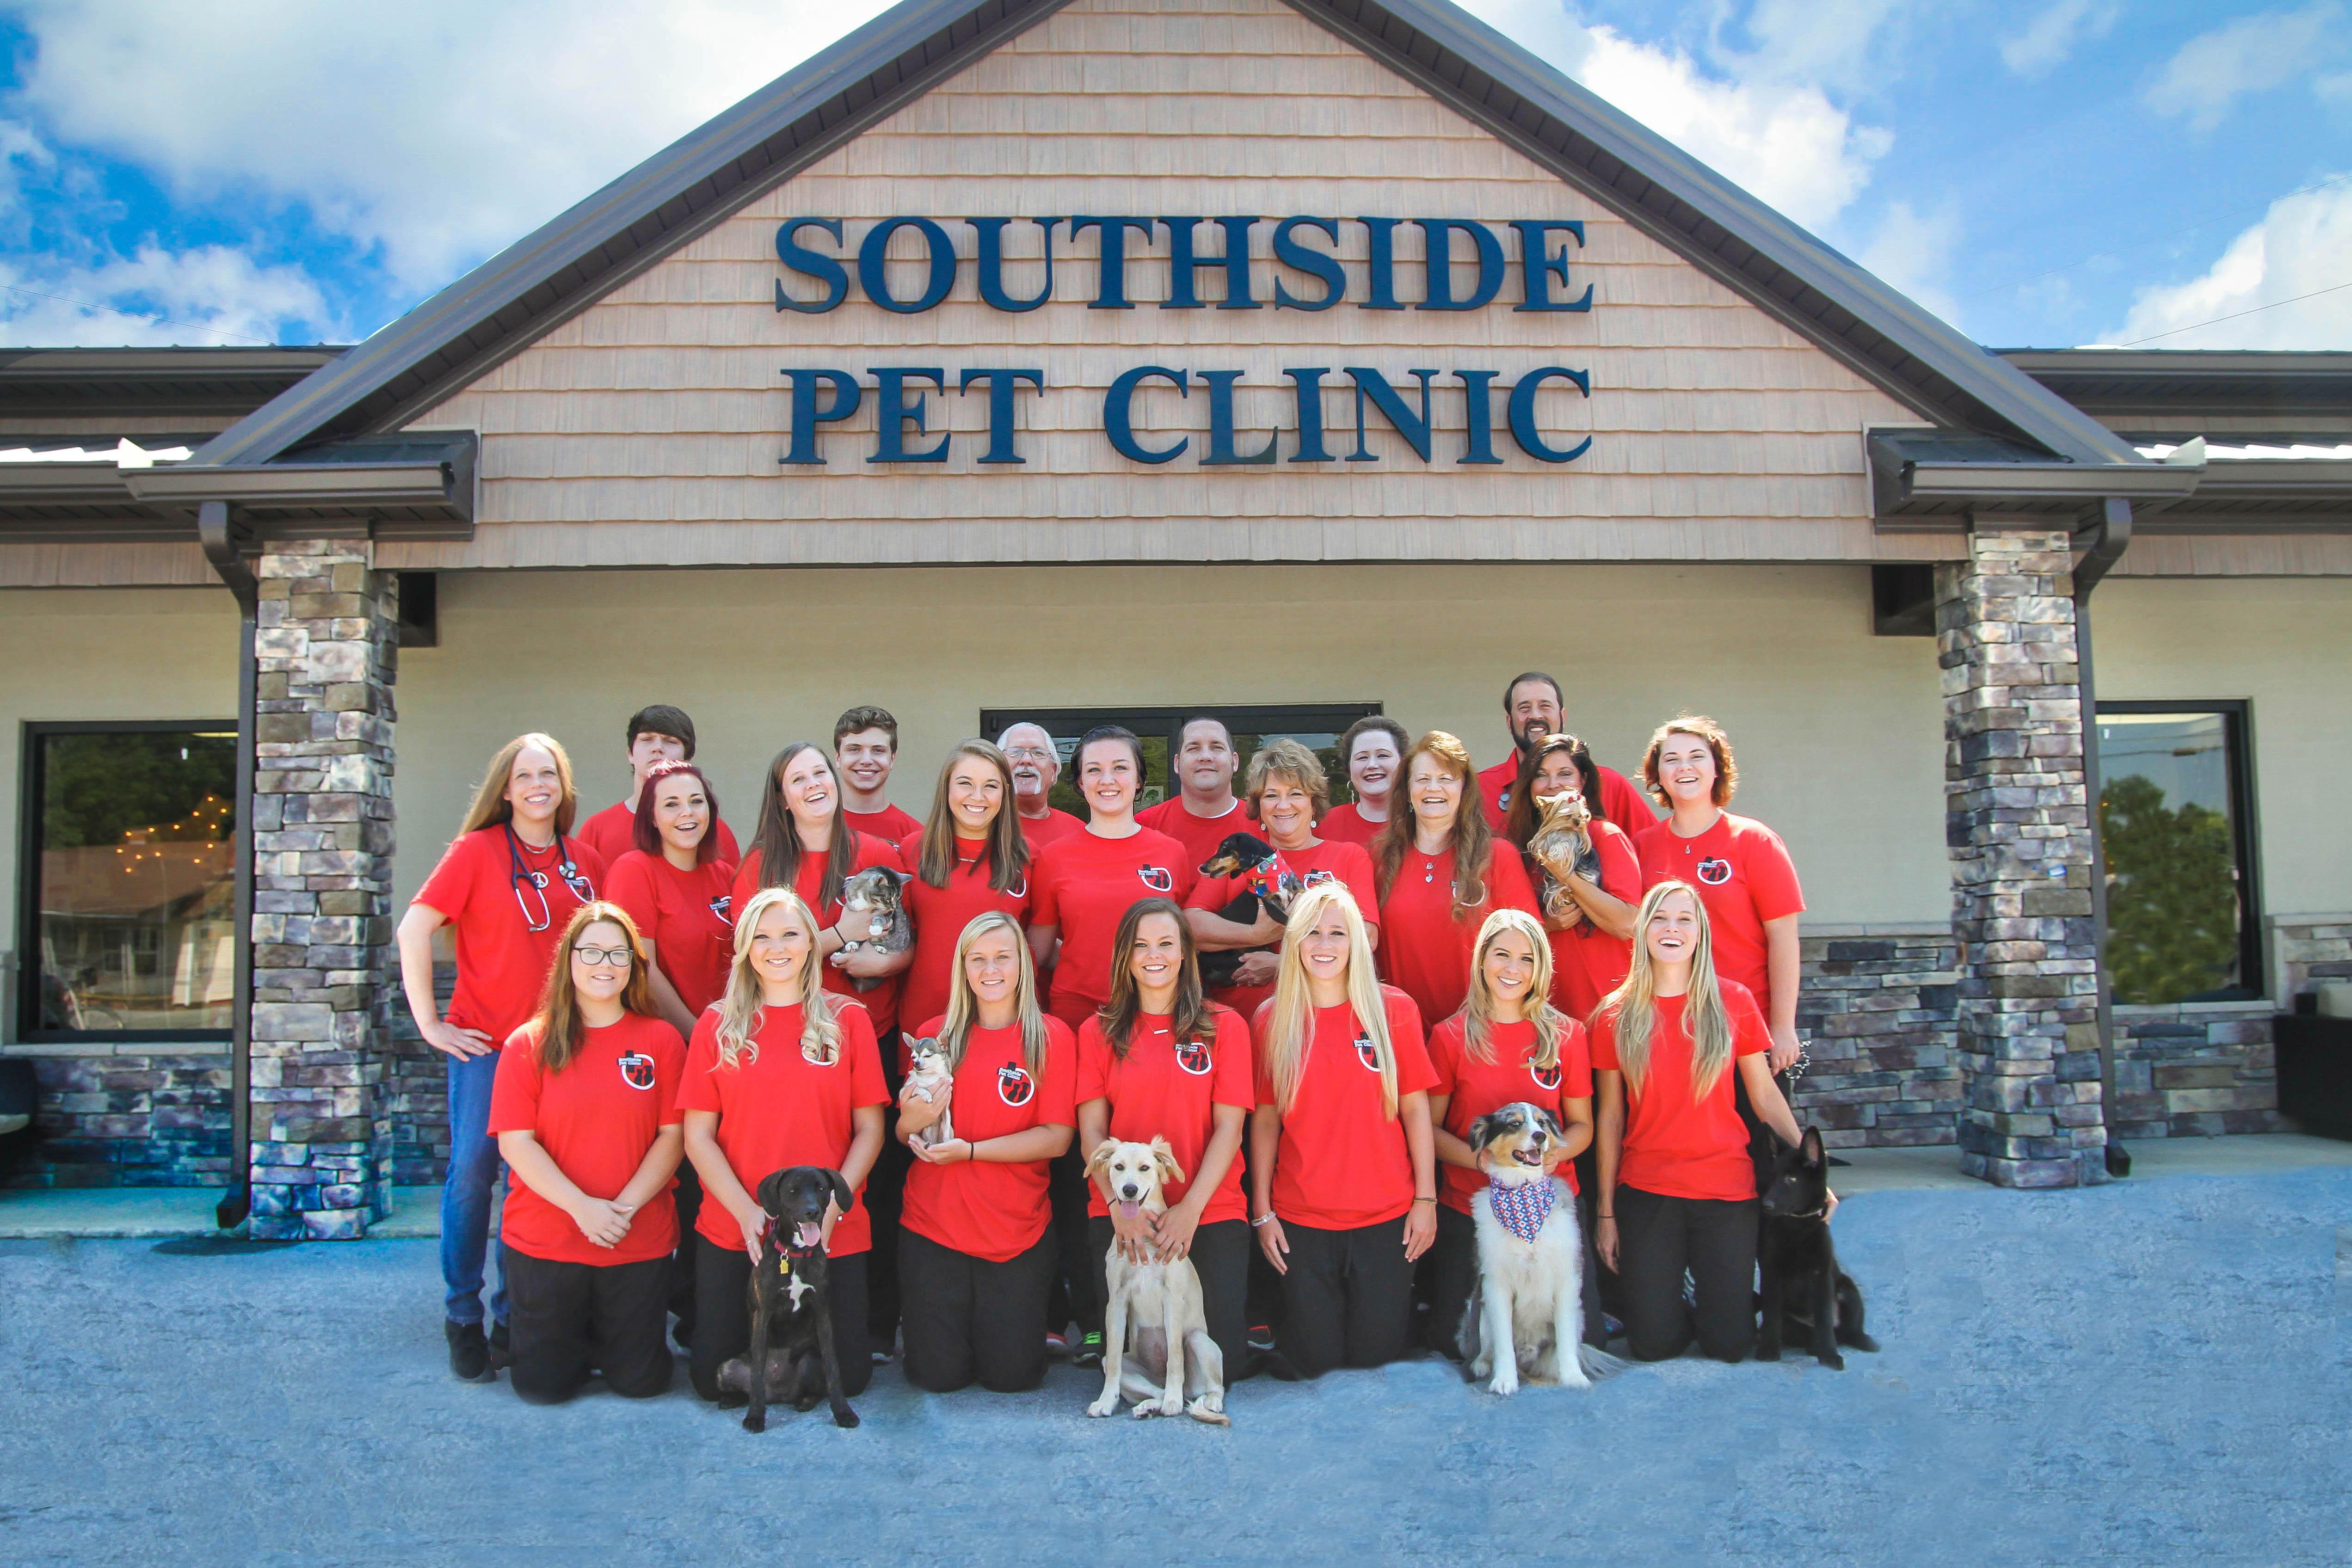 Southside Pet Clinic